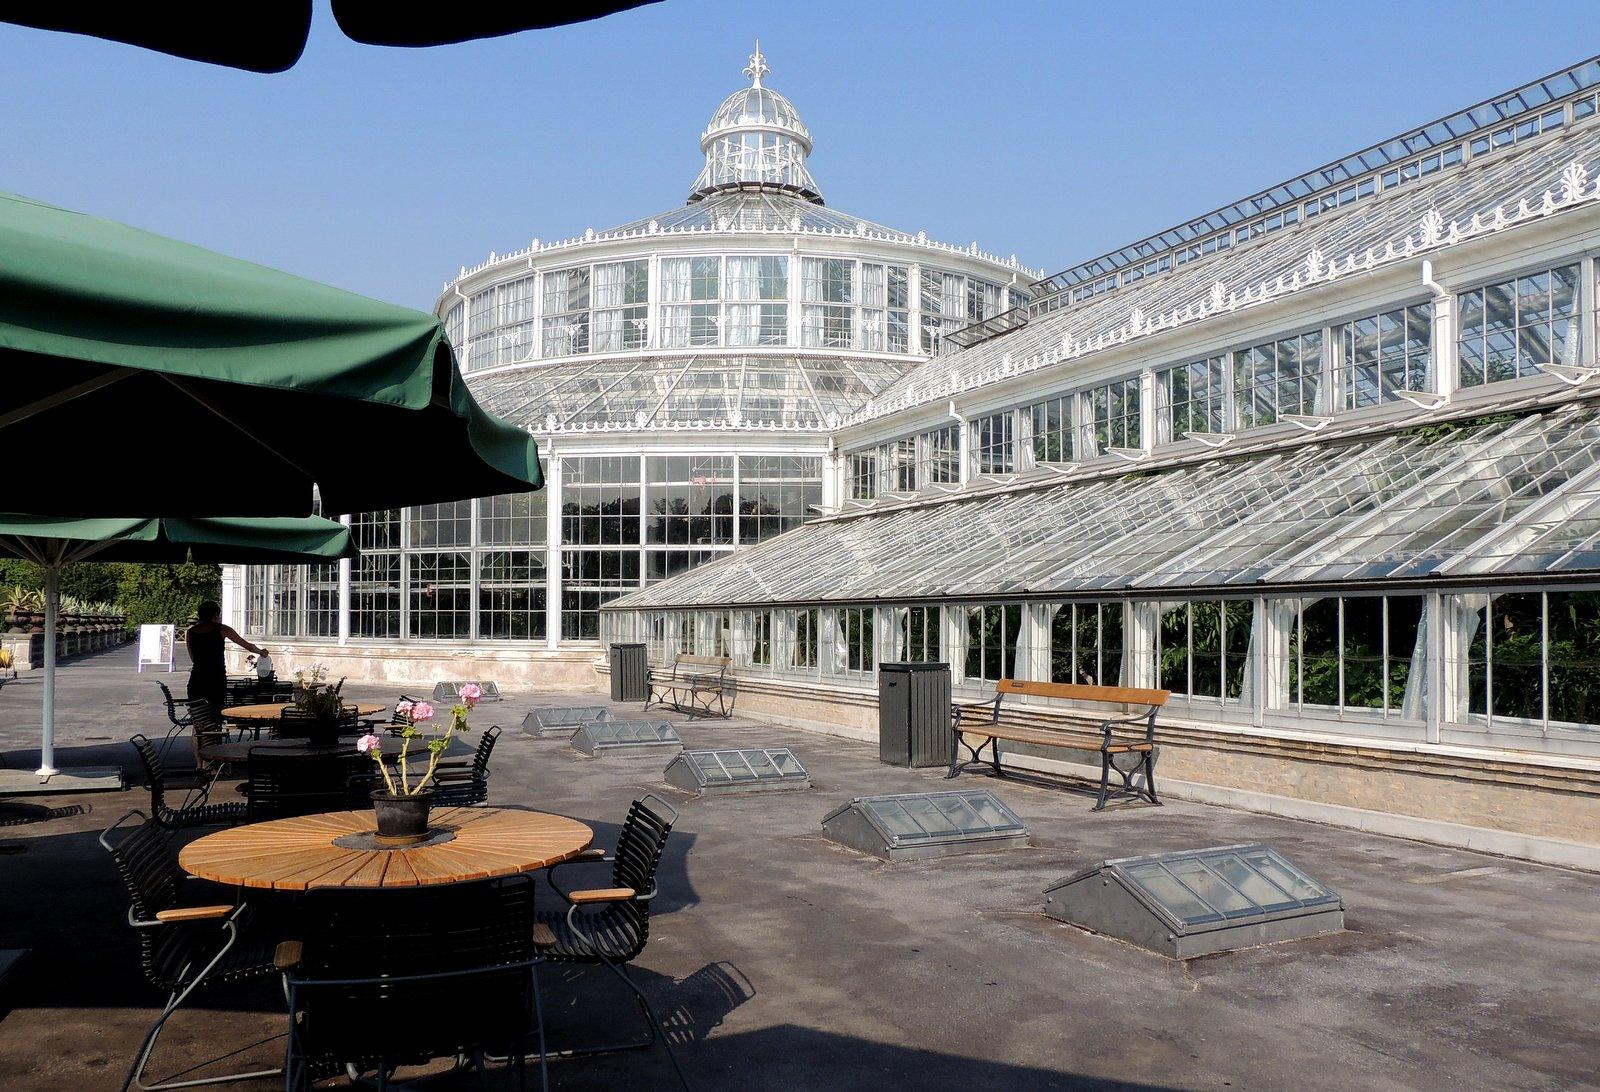 Palmenhaus im Botanischen Garten von Kopenhagen